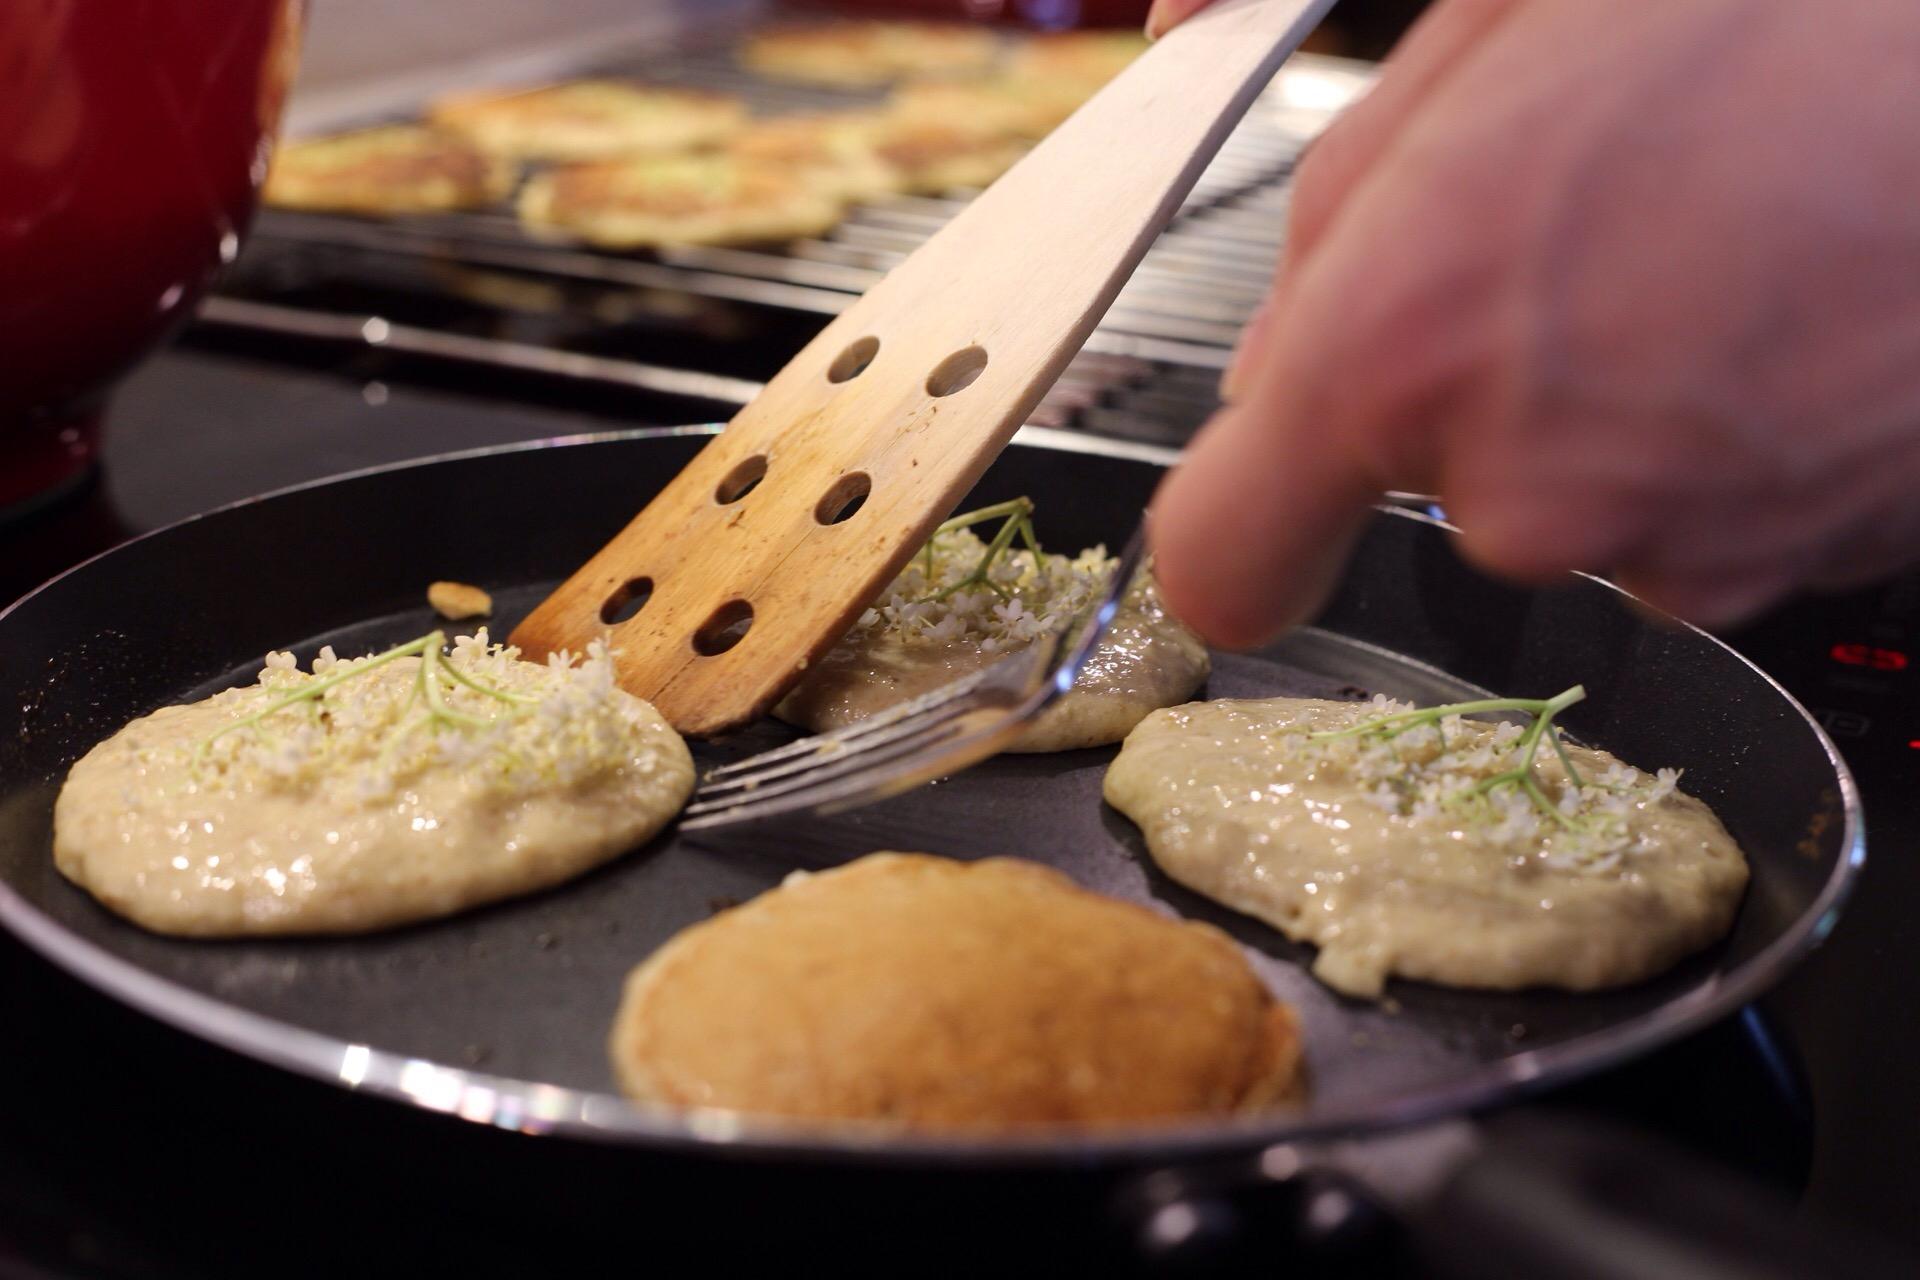 Glutenfri og laktosefri sunde hyldeblomstpandekager med havre i madpakken eller til morgenmad